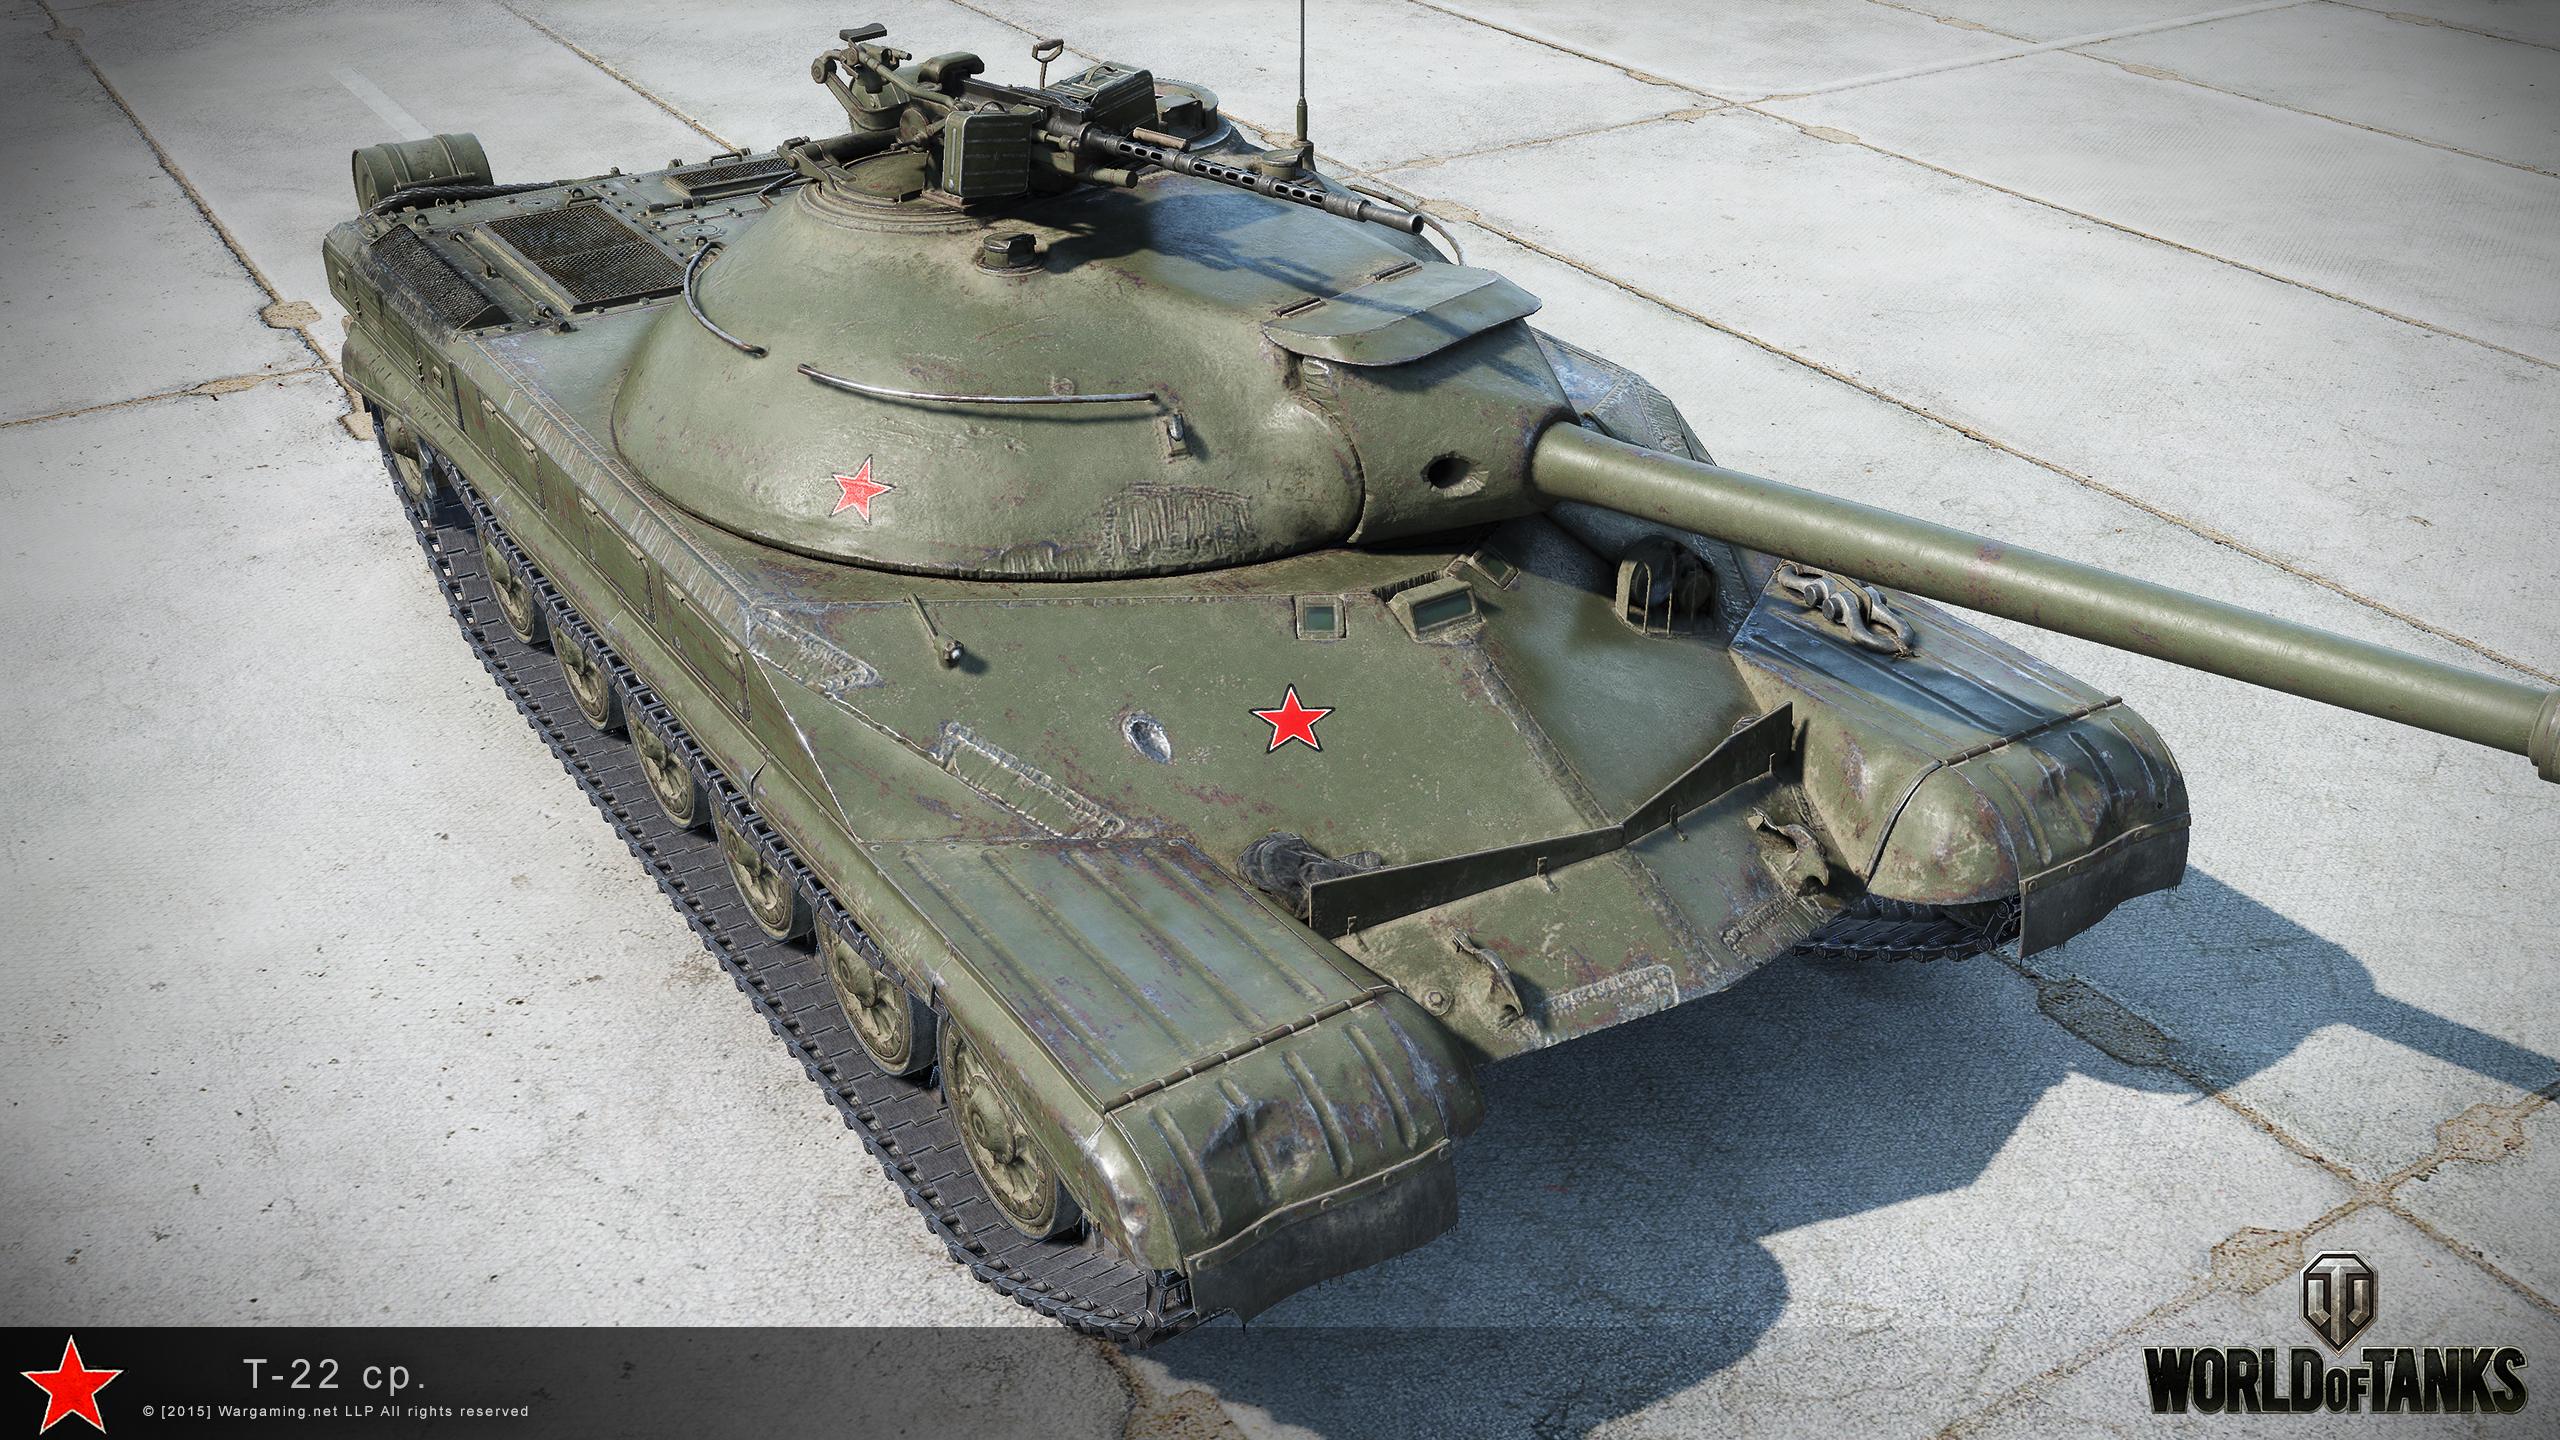 World-of-Tanks-T-22-Medium